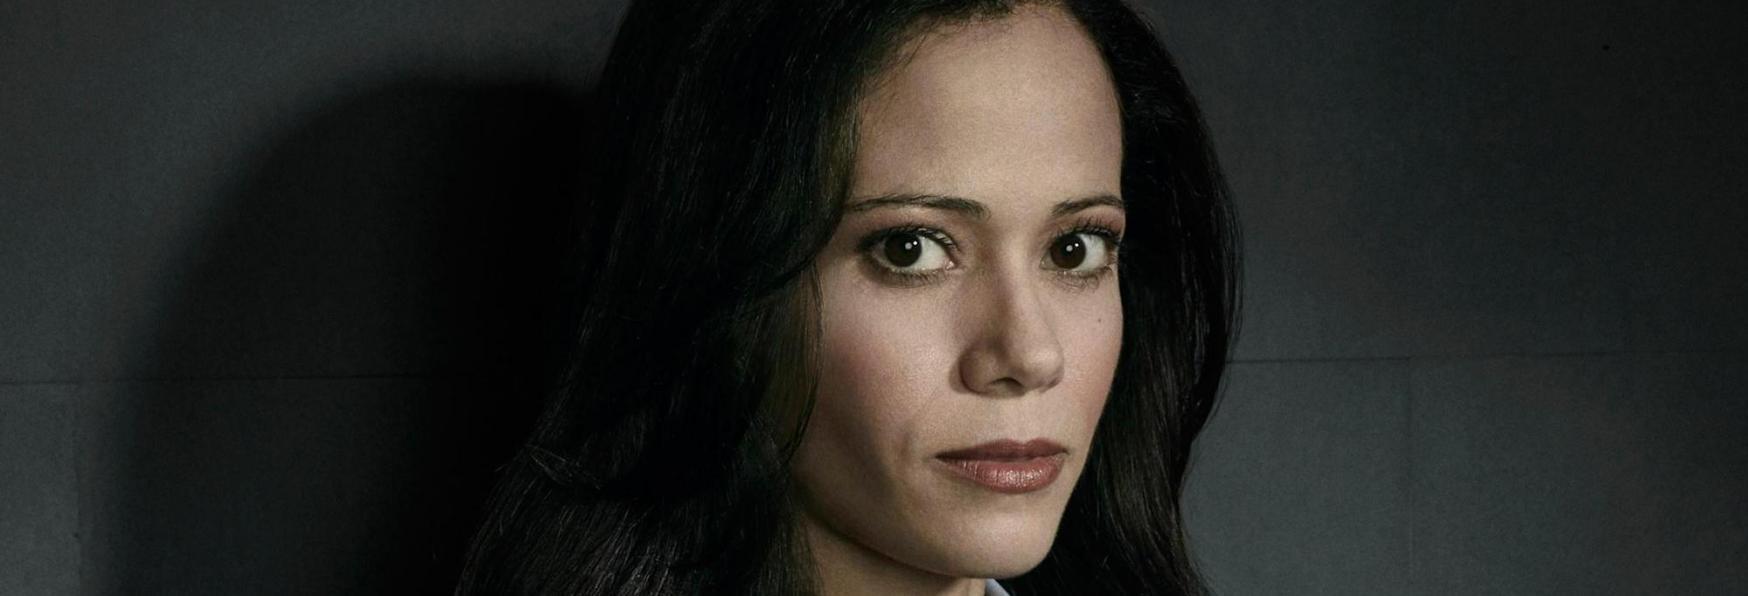 Batwoman 3: la star di Gotham Victoria Cartagena sarà Renee Montoya